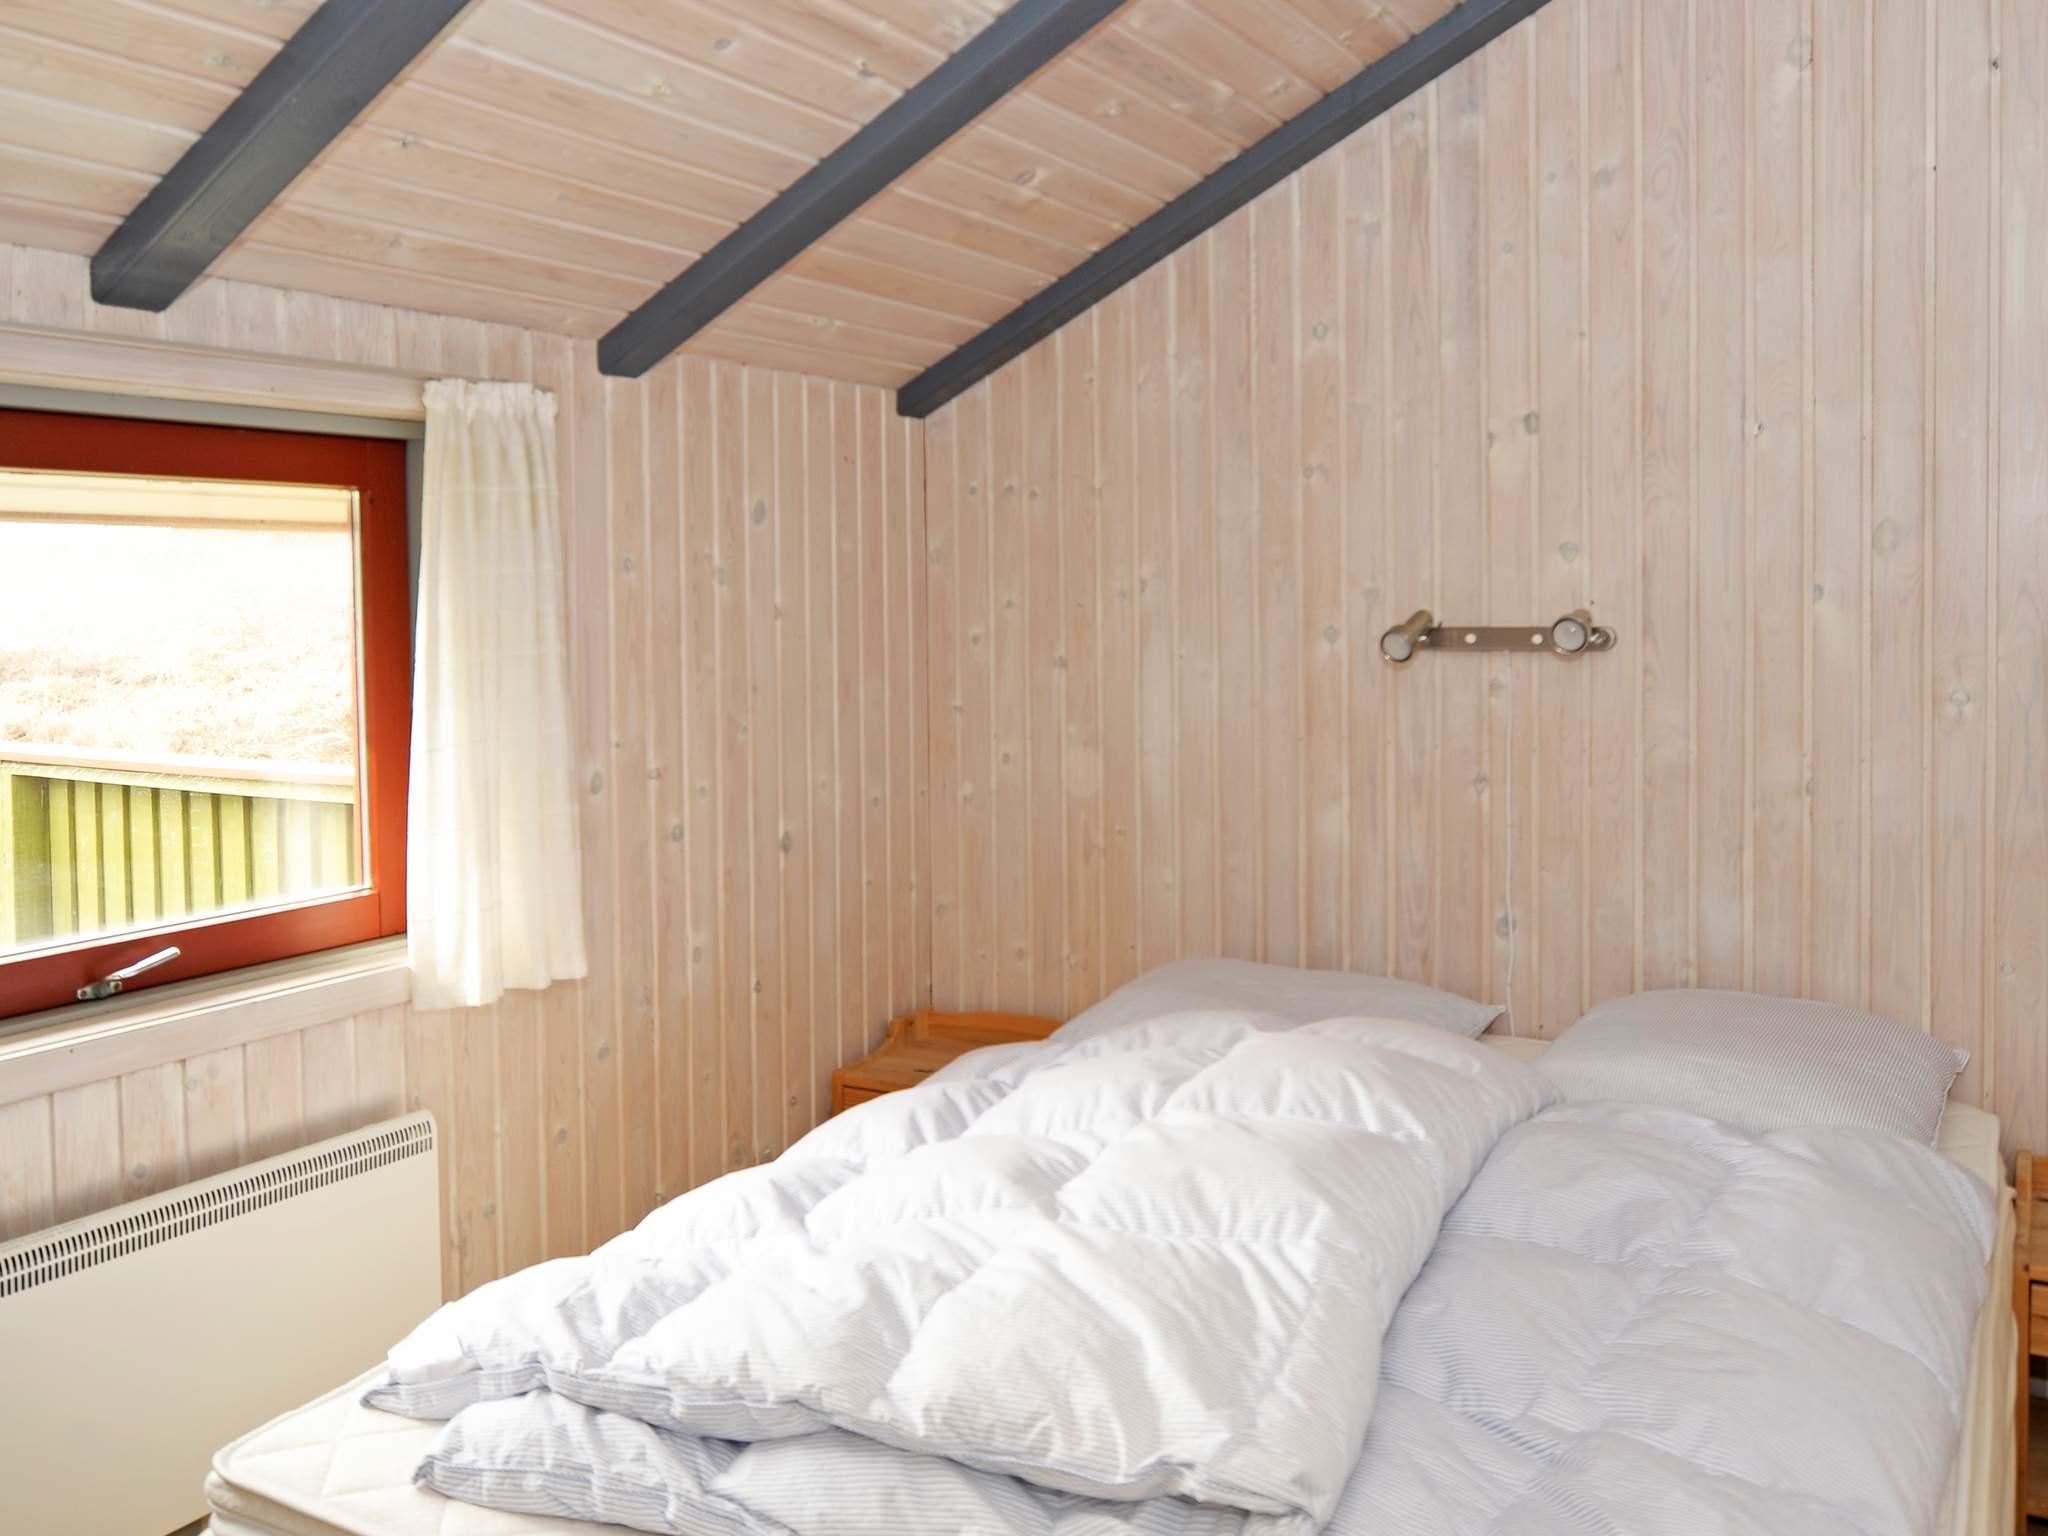 Ferienhaus Vejers Strand (88531), Vejers Strand, , Westjütland, Dänemark, Bild 9